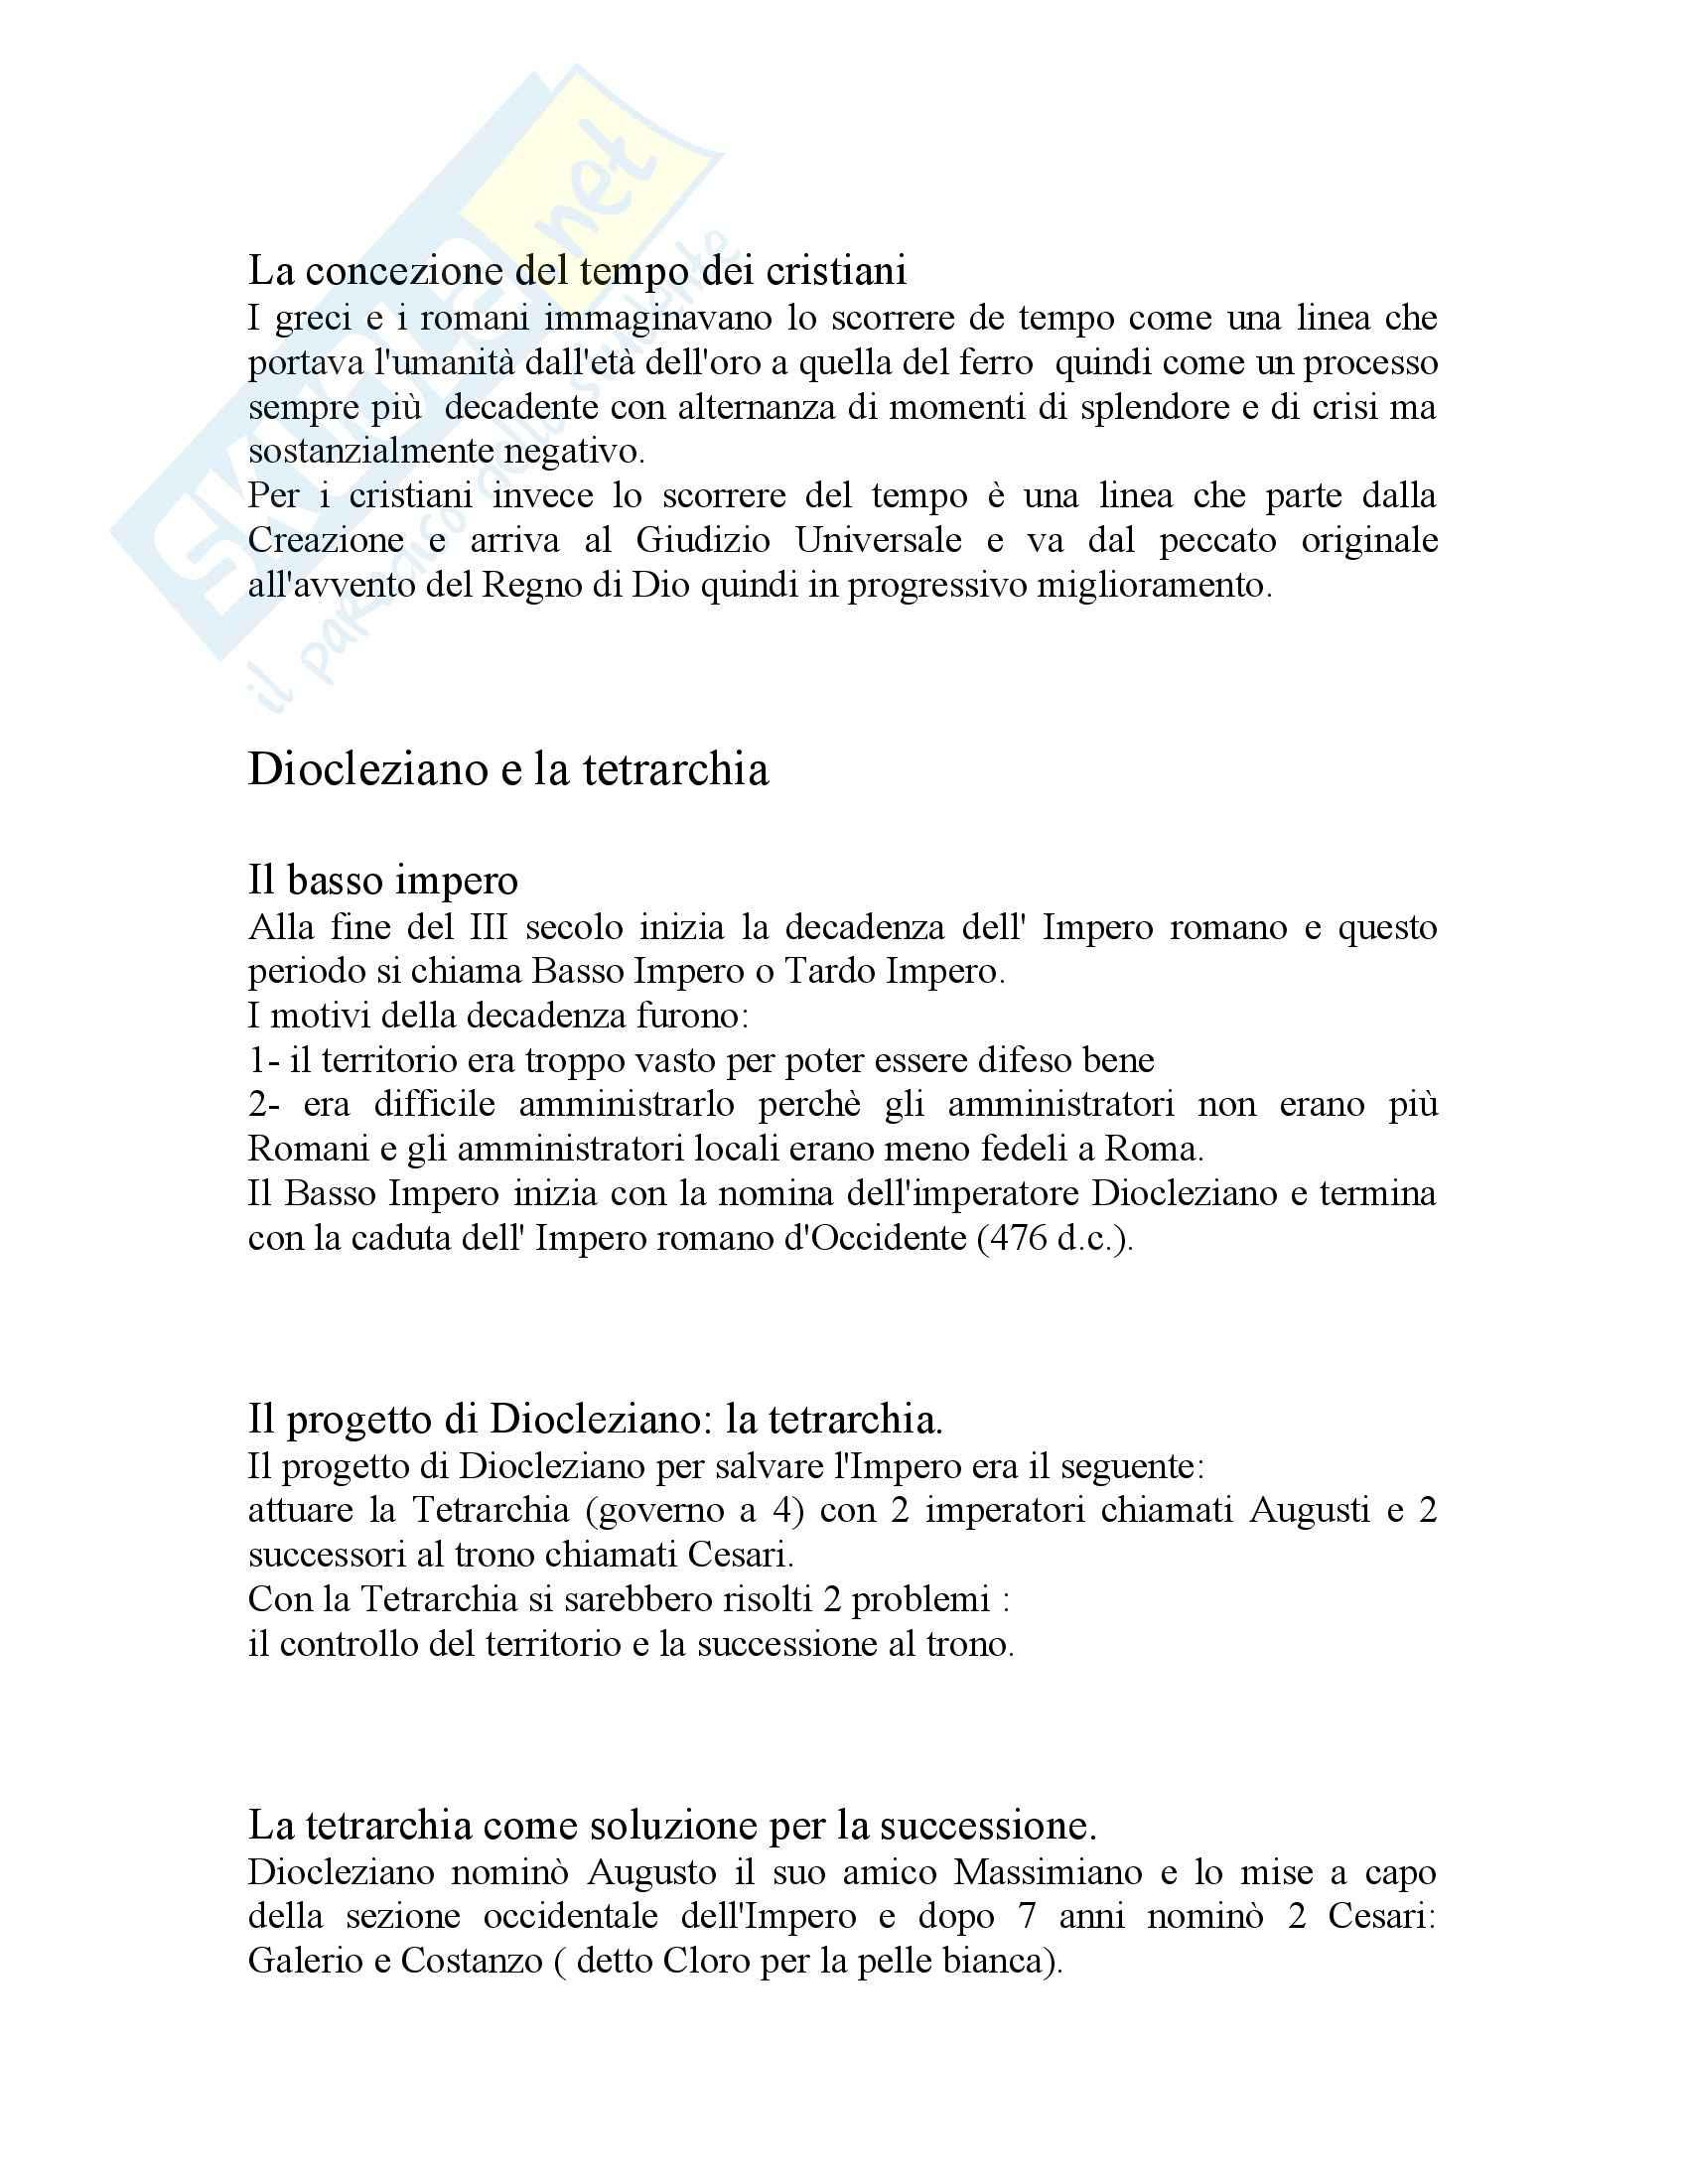 Storia Da Diocleziano a Costantino Pag. 2